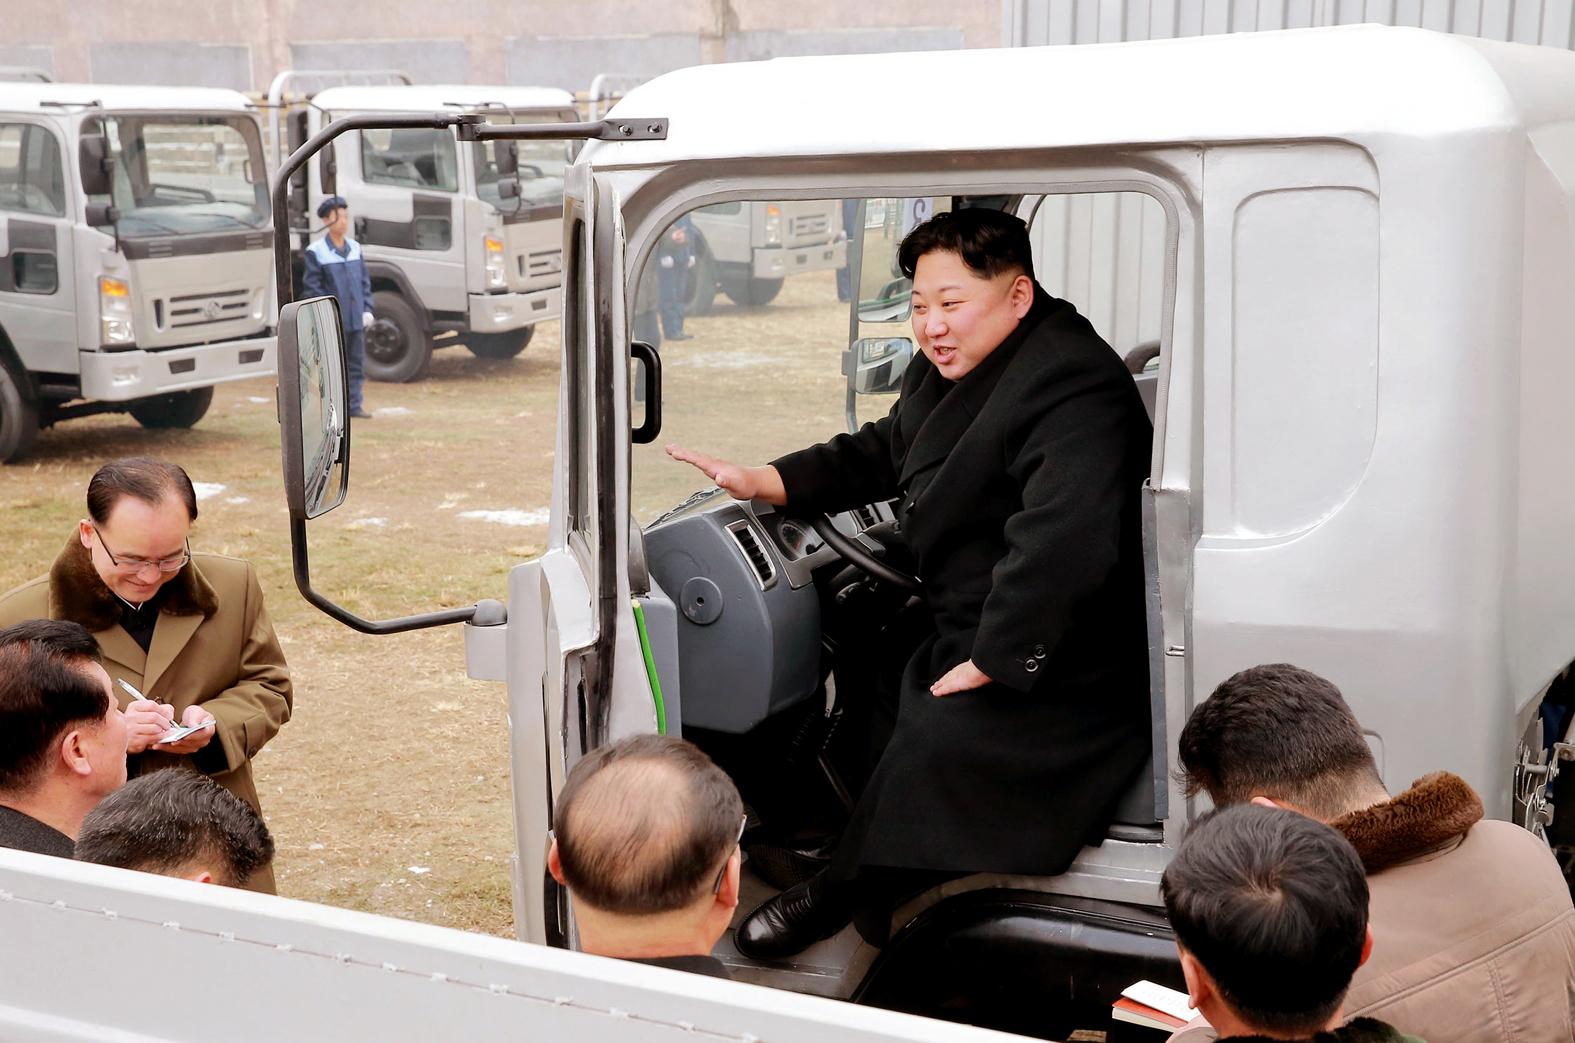 La Republica Popular Democrática de Corea en la mirada de la comunidad internacional